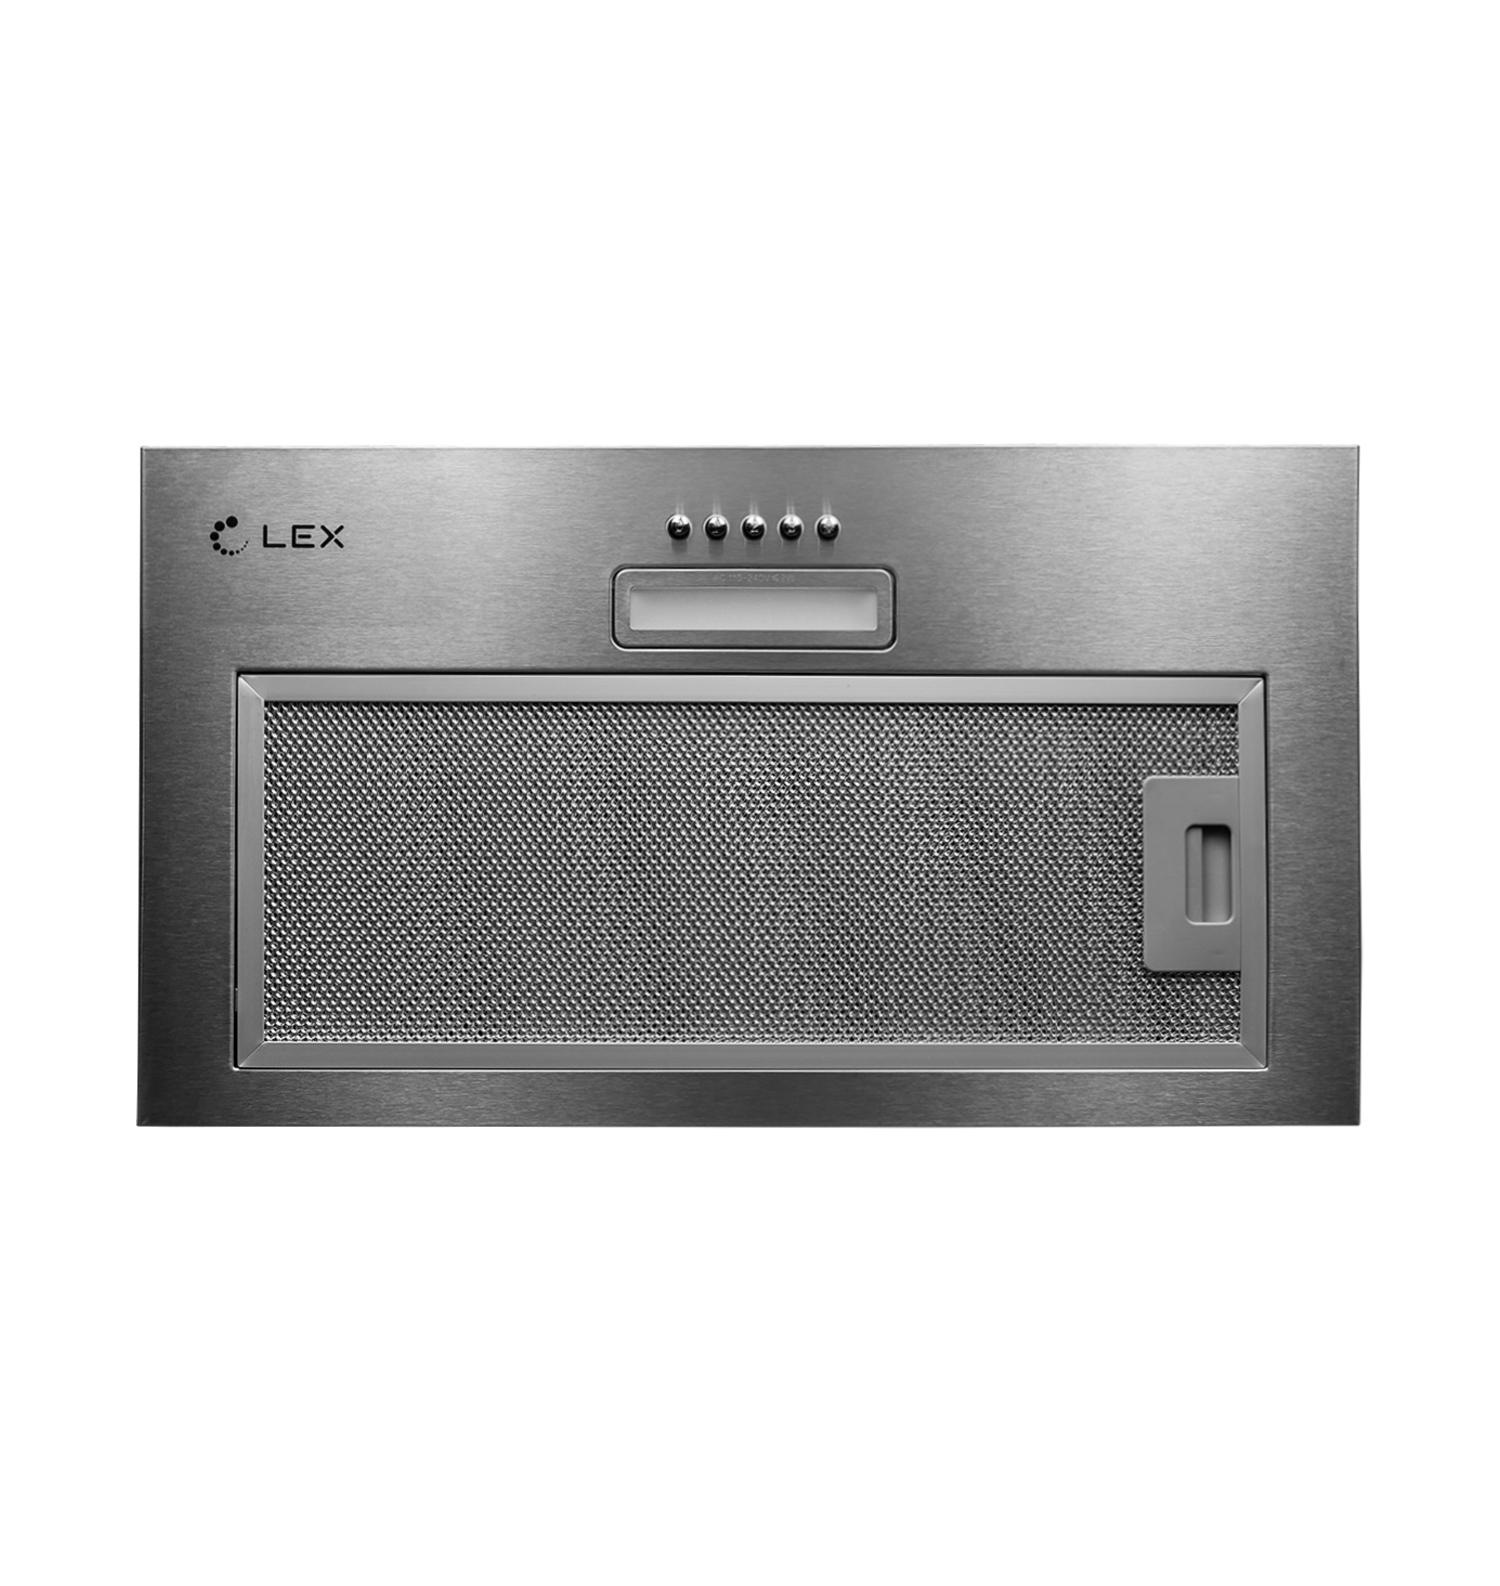 LEX GS Bloc Light 600 Inox